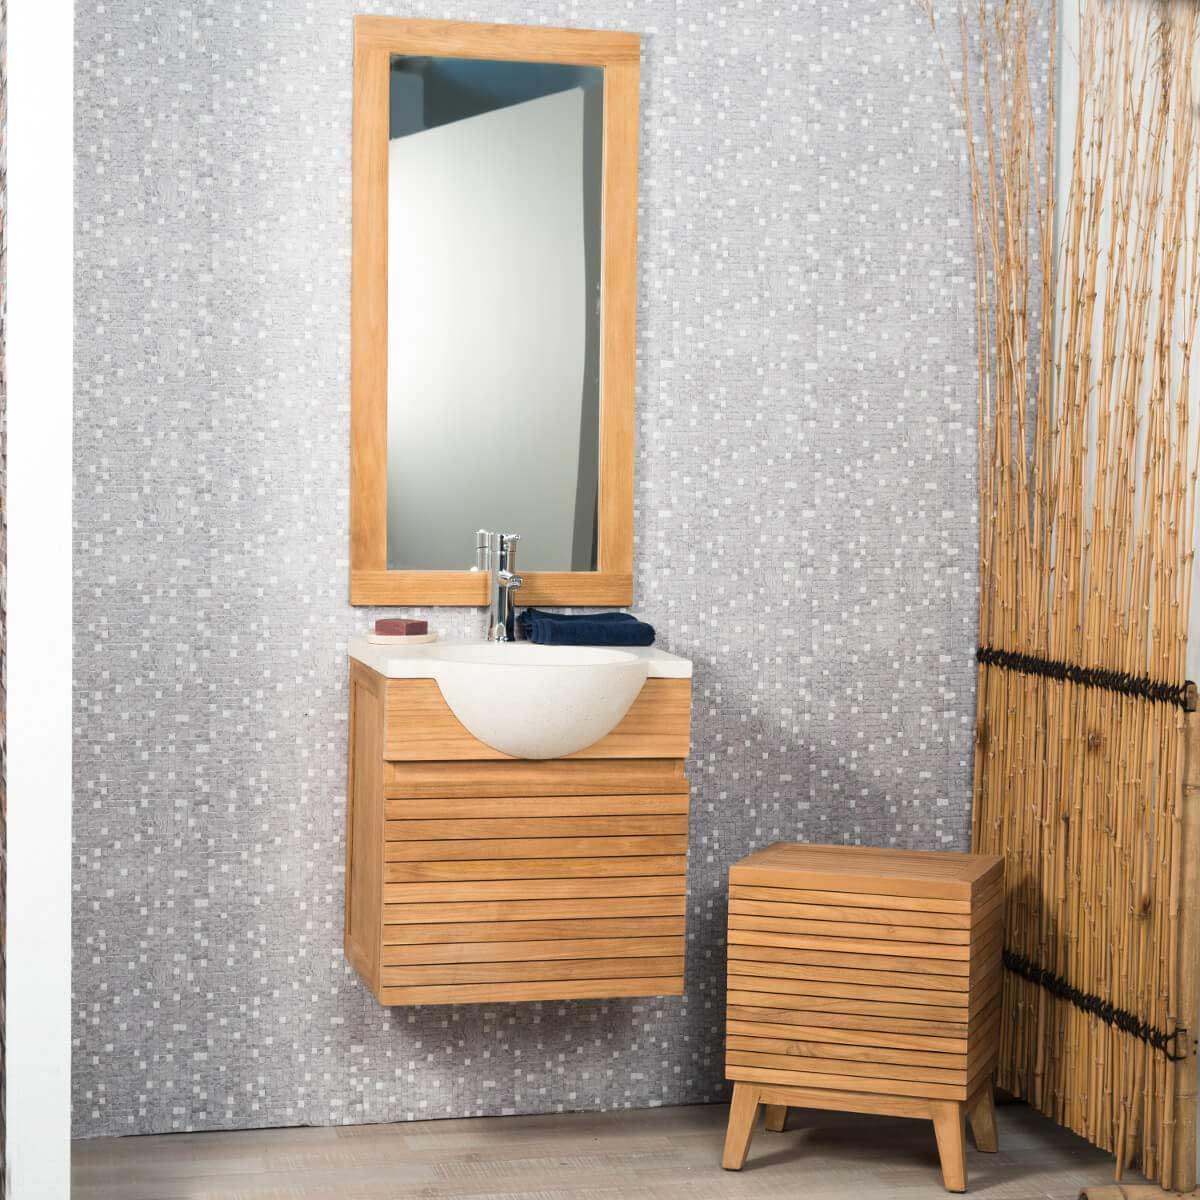 meuble salle de bain suspendu meuble sous vasque teck. Black Bedroom Furniture Sets. Home Design Ideas